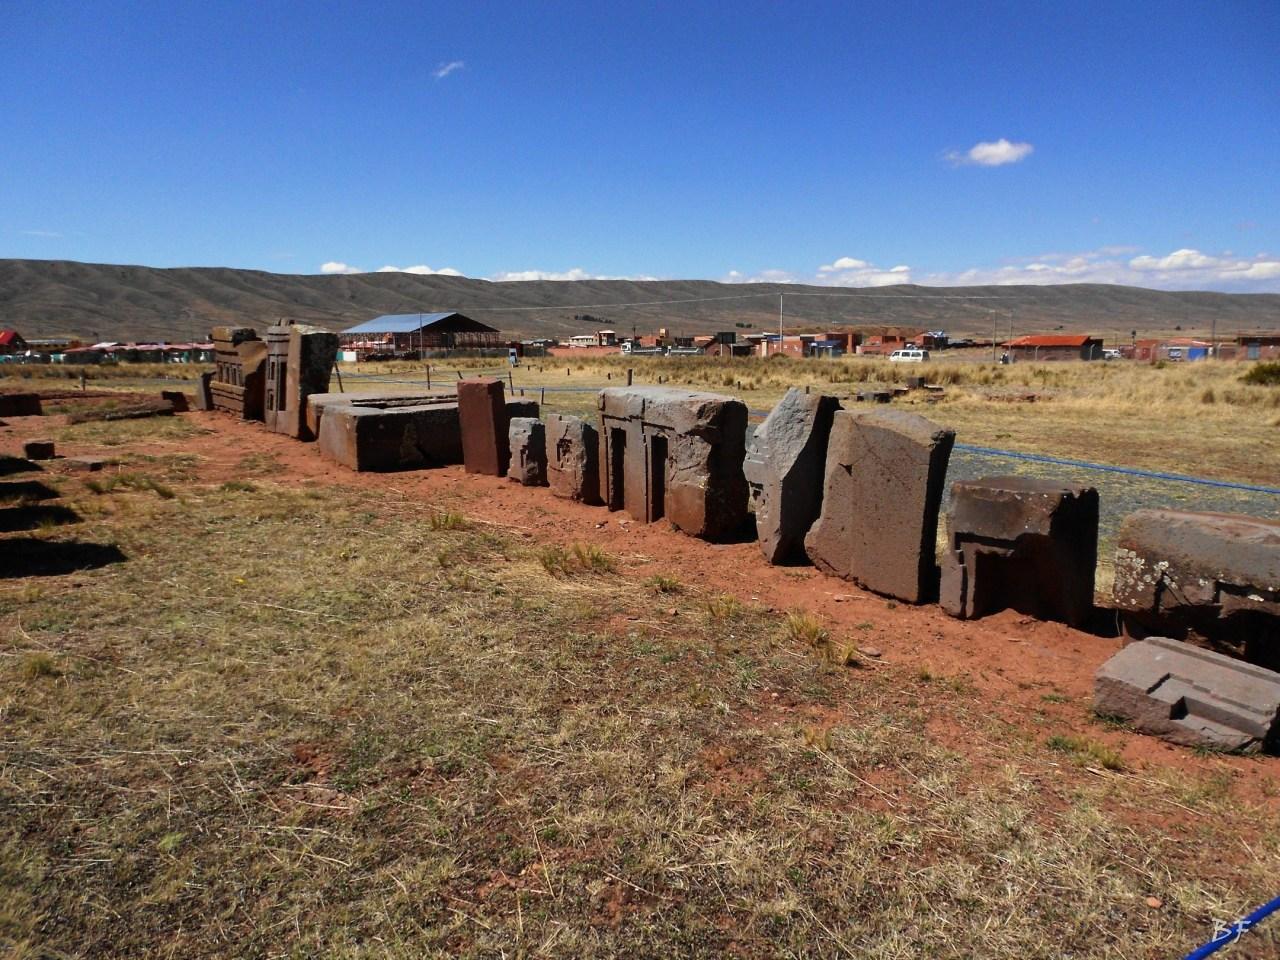 Puma-Punku-Area-Megalitica-Mura-Poligonali-Megaliti-Tiwanaku-Tiahuanaco-Bolivia-53